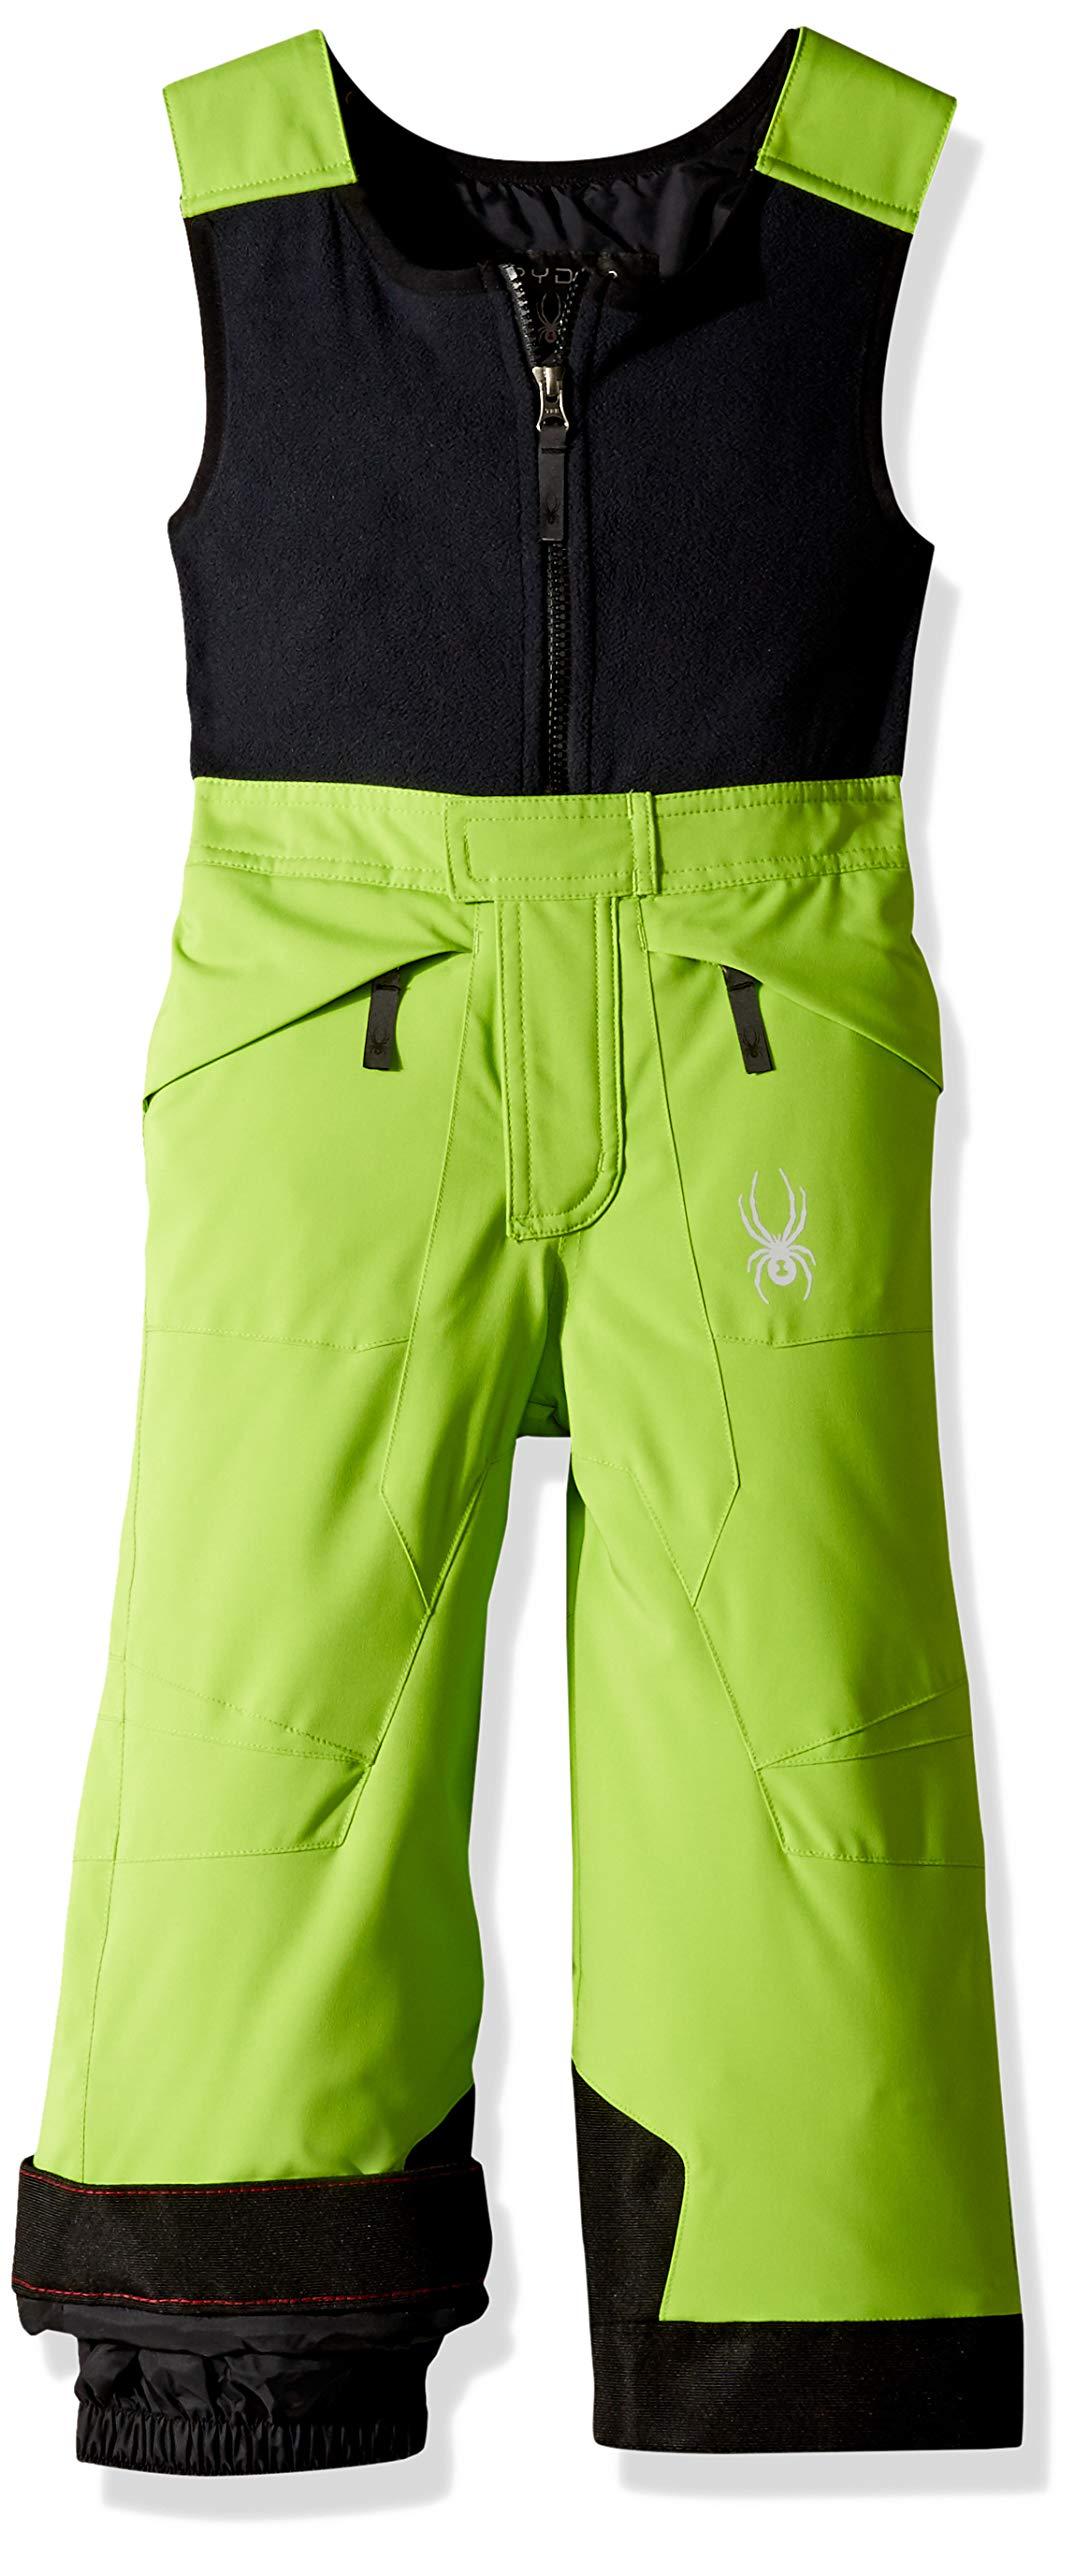 Spyder Boys' Mini Expedition Ski Pant, Fresh/Black/Black, Size 2